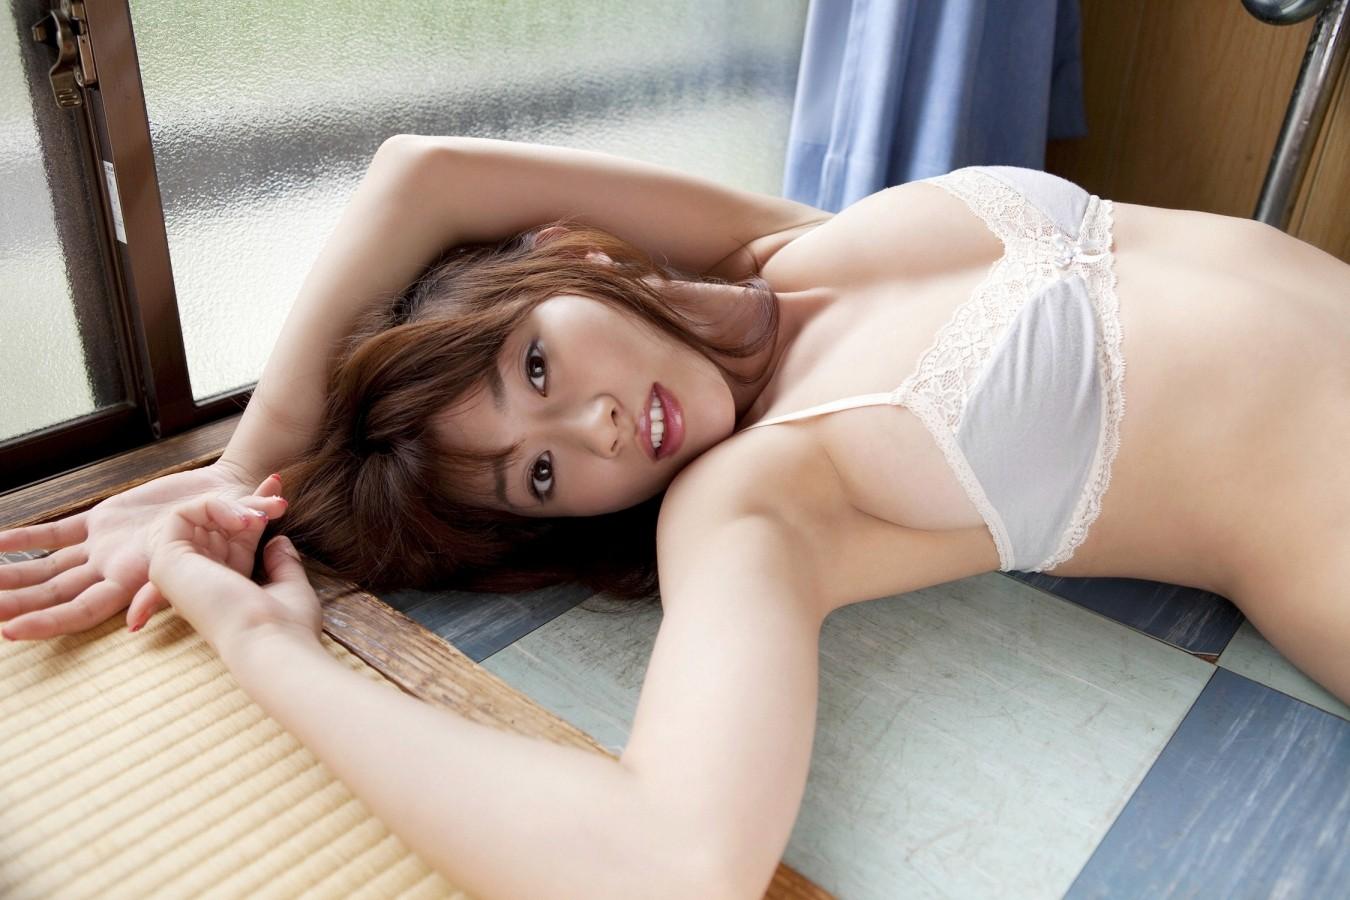 【腋フェチエロ画像】生乳はいいから…百歩譲っても舐めたい美女の腋www 09